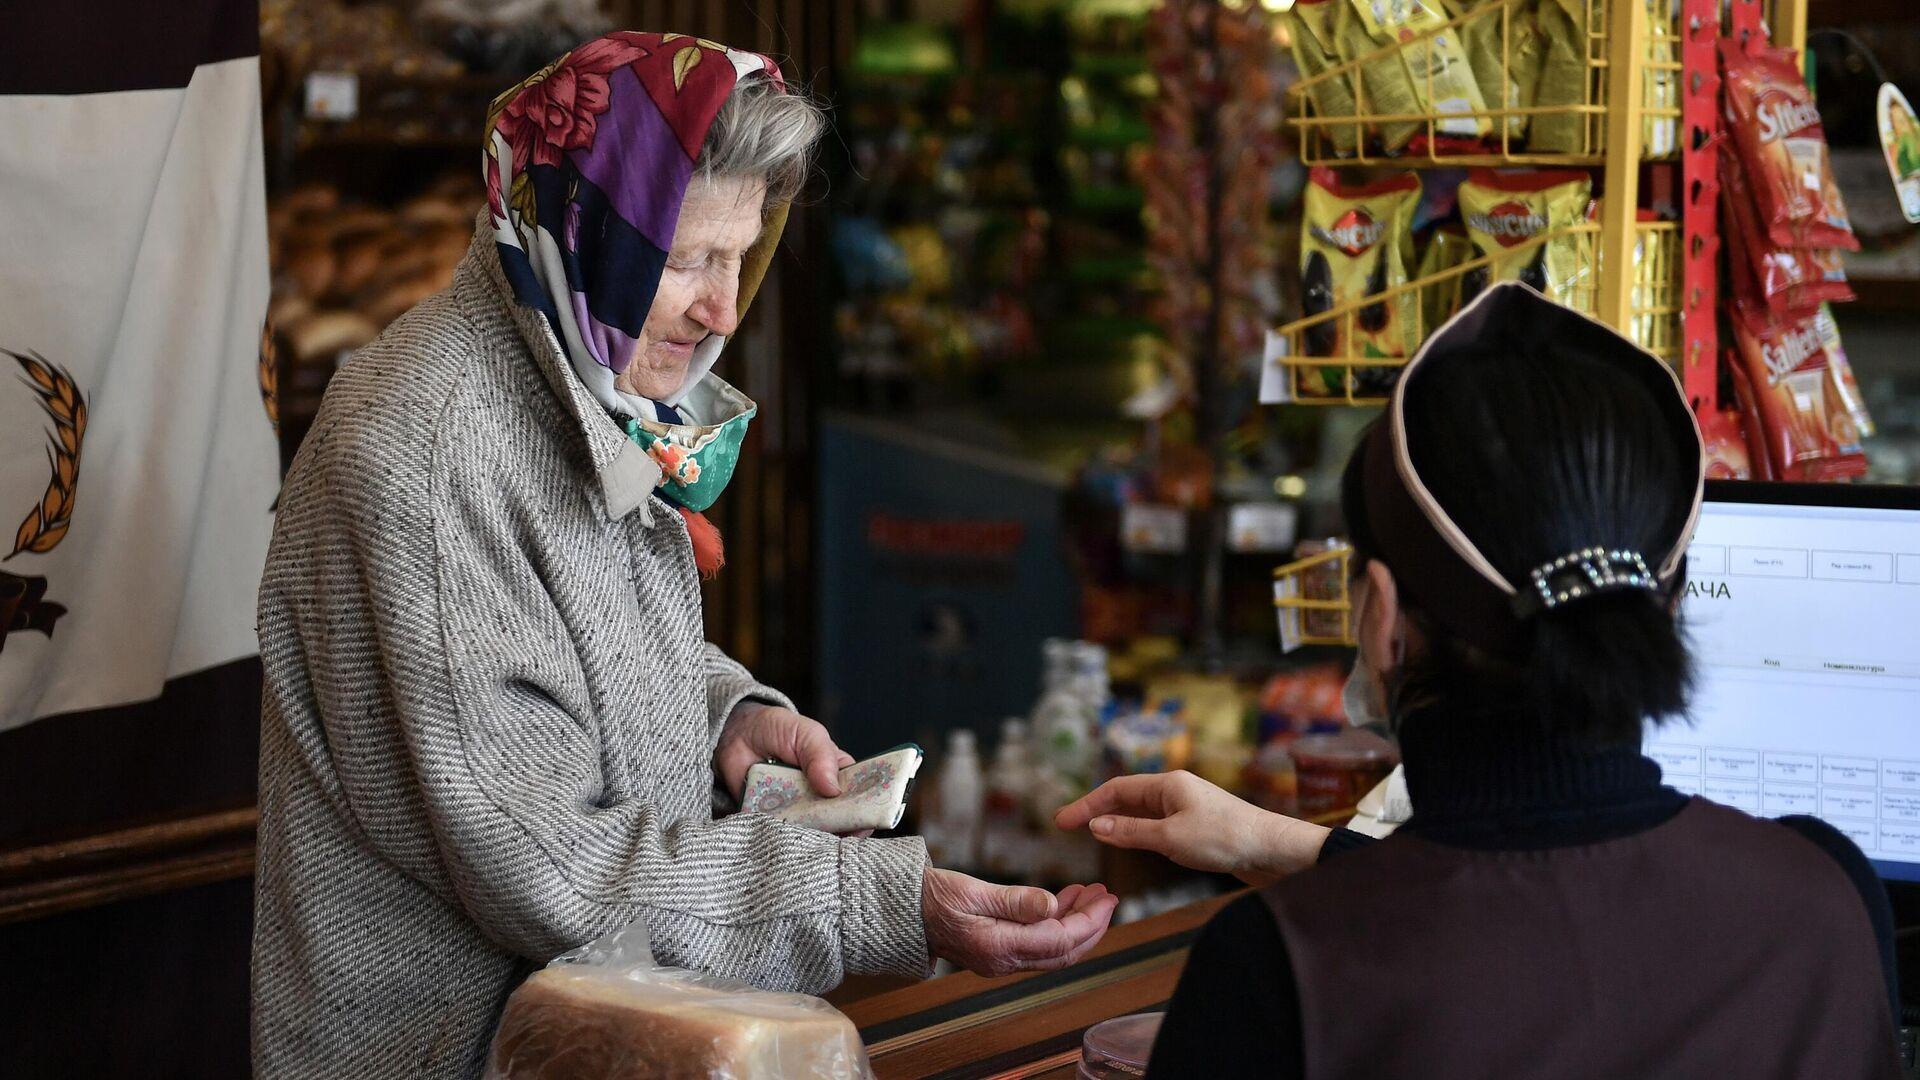 Пожилая женщина в магазине в Симферополе - РИА Новости, 1920, 03.06.2021